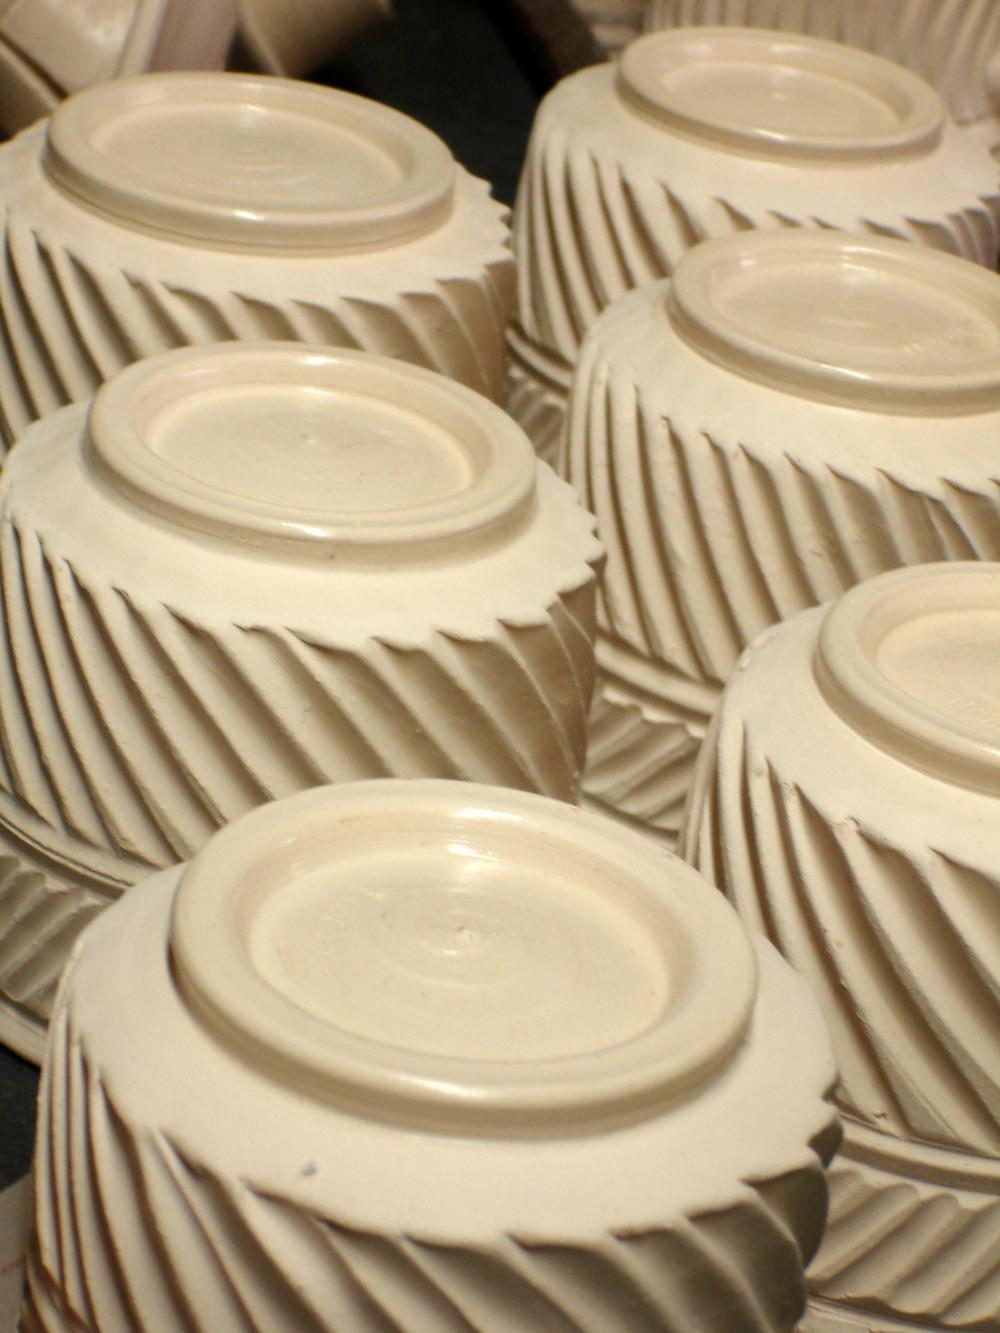 waxed cups.jpg